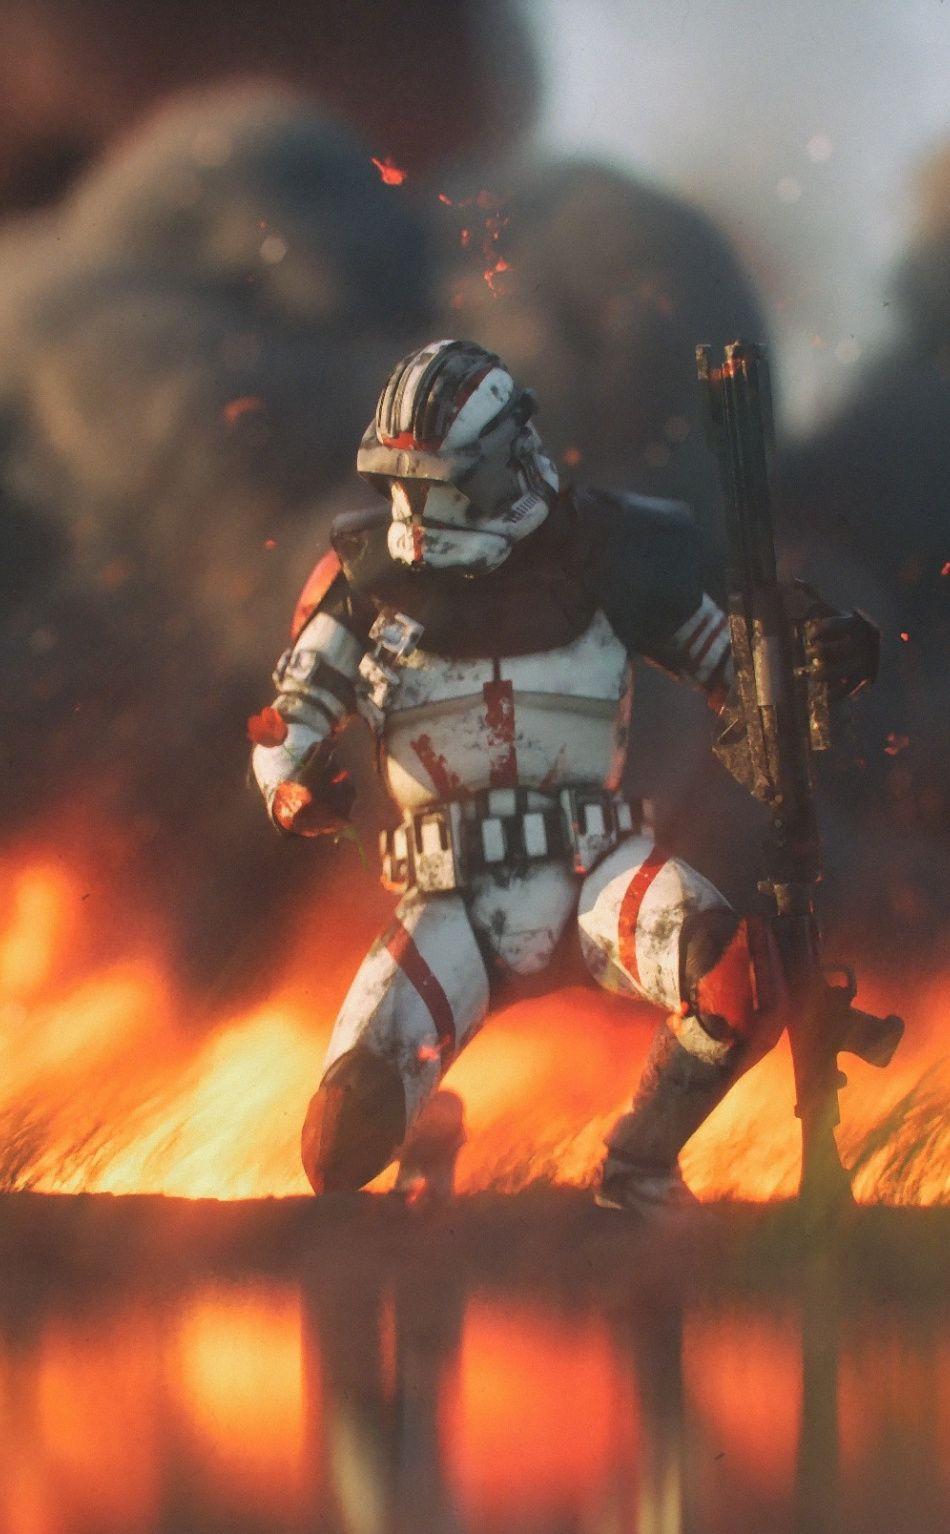 Clone trooper, Star Wars, fire, 950x1534 wallpaper | Star